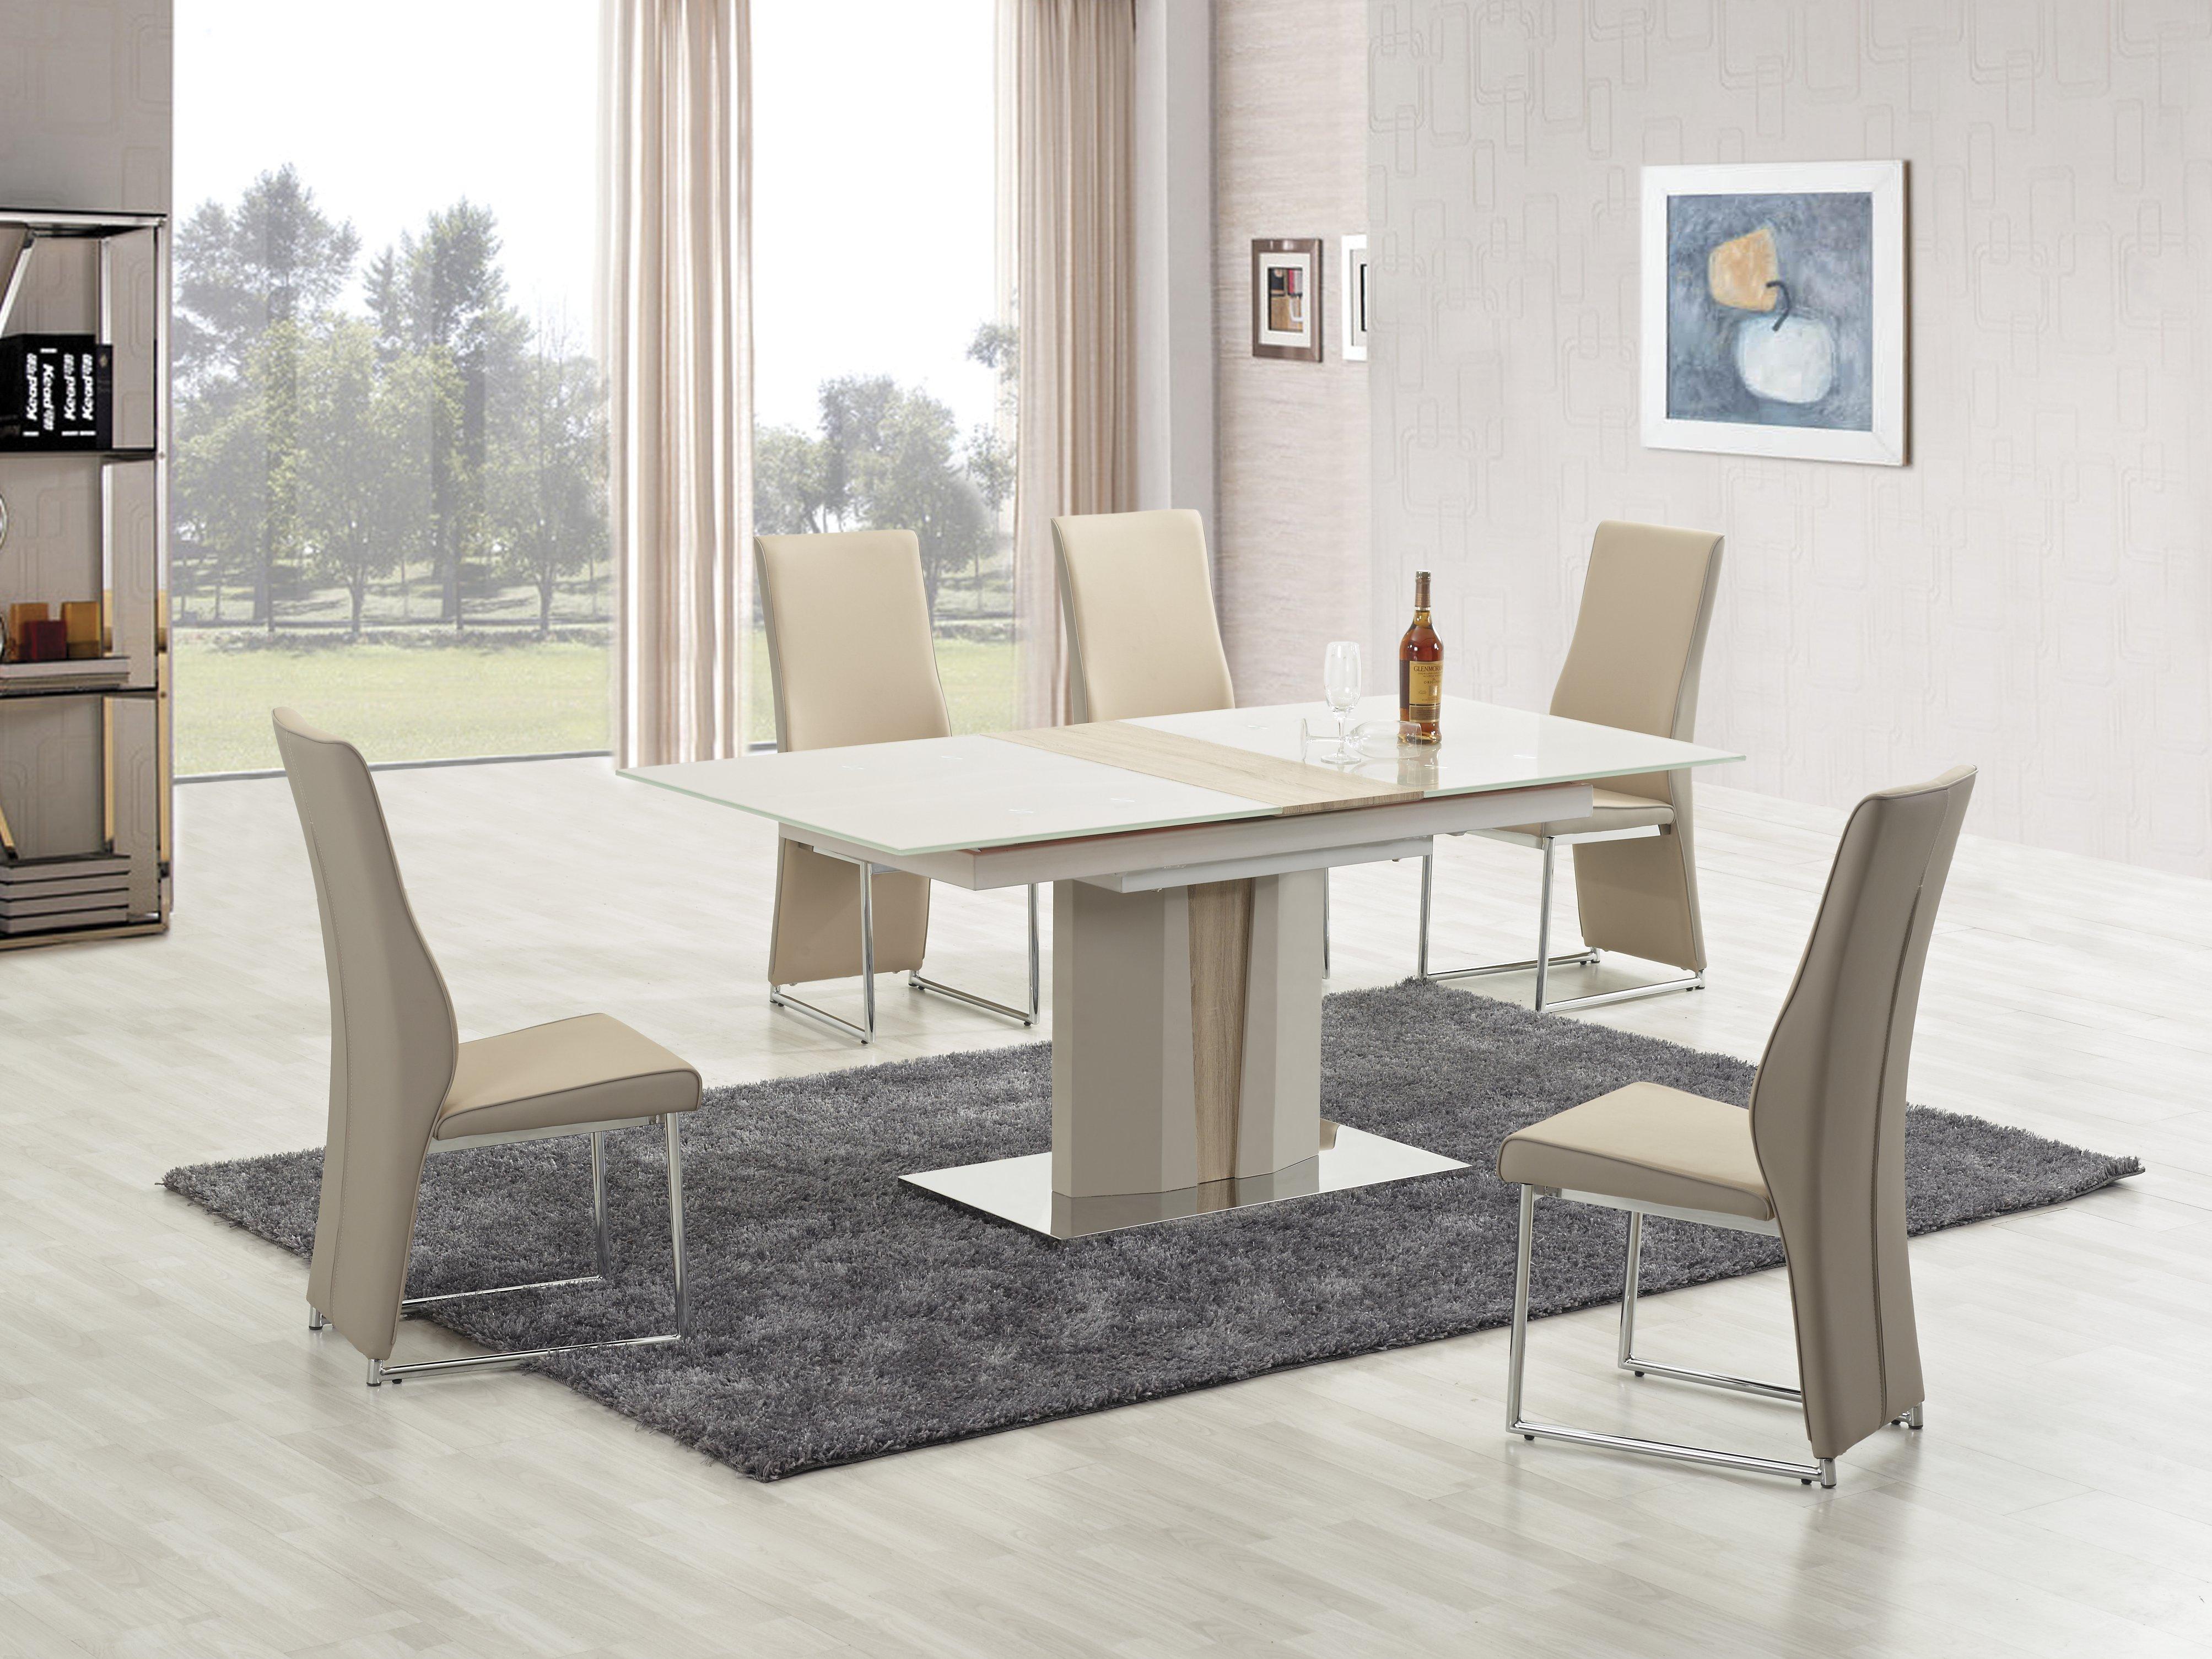 Jídelní stůl - Halmar - Cameron (pro 6 až 8 osob)